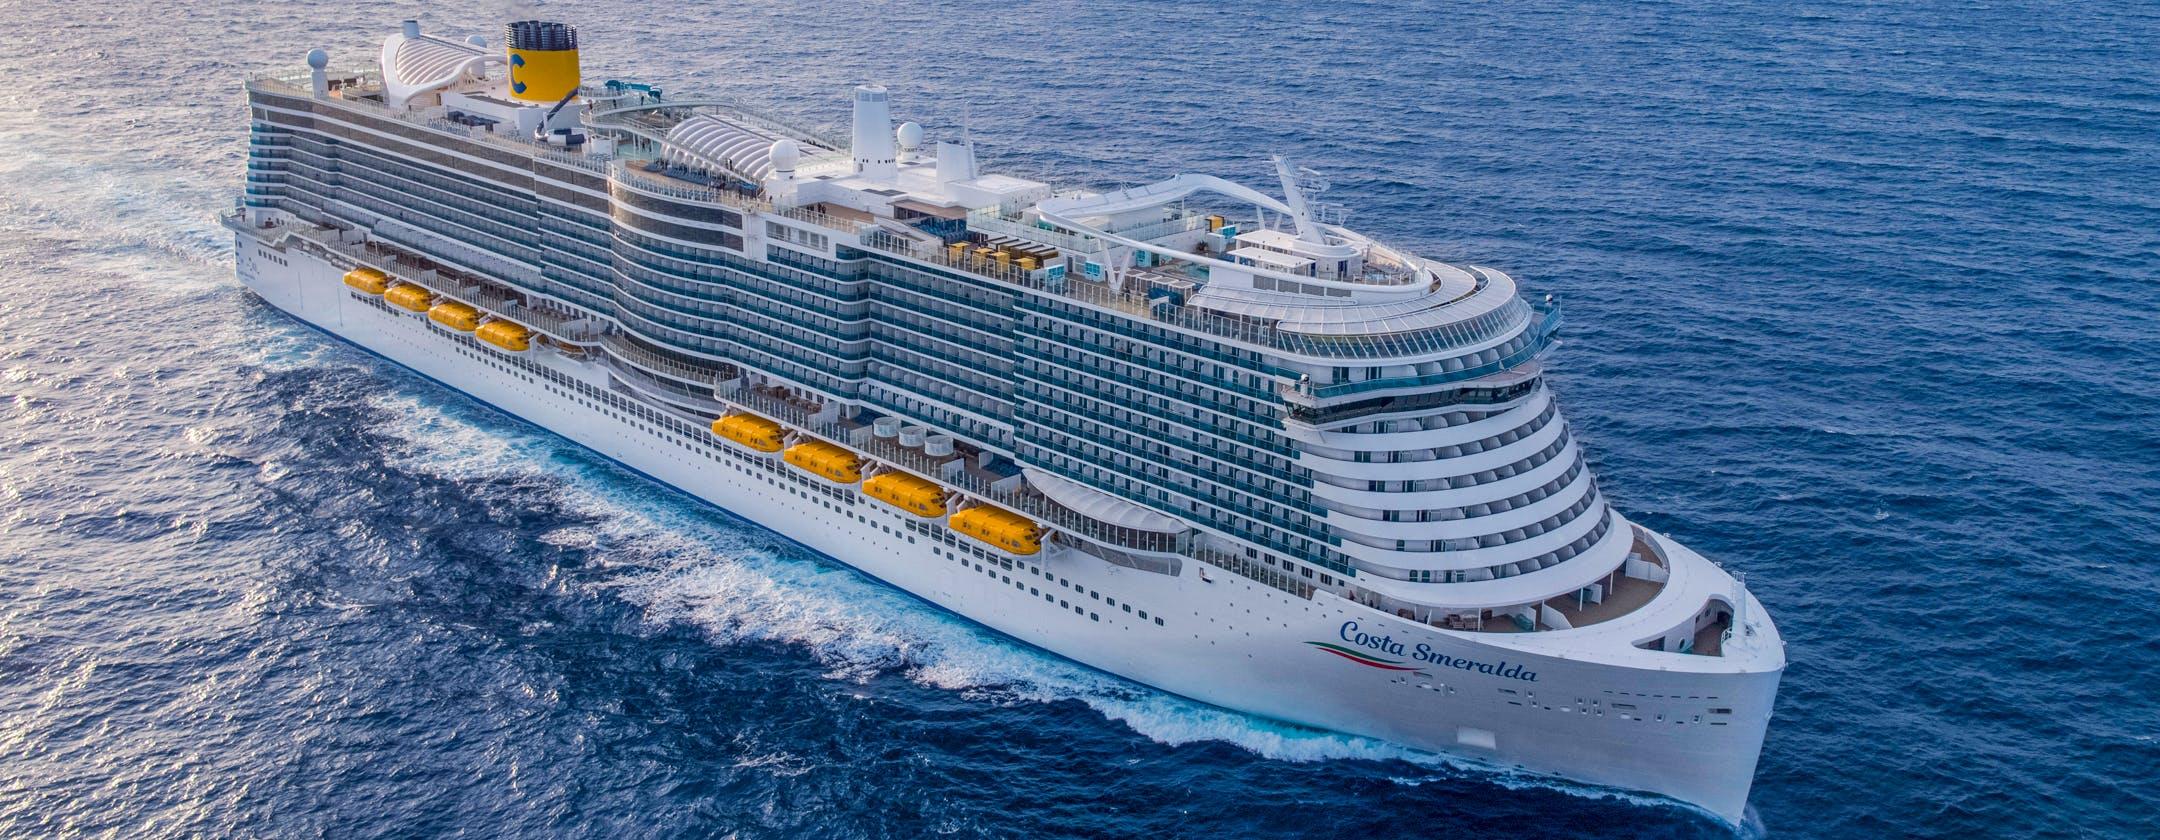 L'incredibile tecnologia della Costa Smeralda: plancia, motori, teatri, regie video, diffusione audio e impianti di una città in mezzo al mare